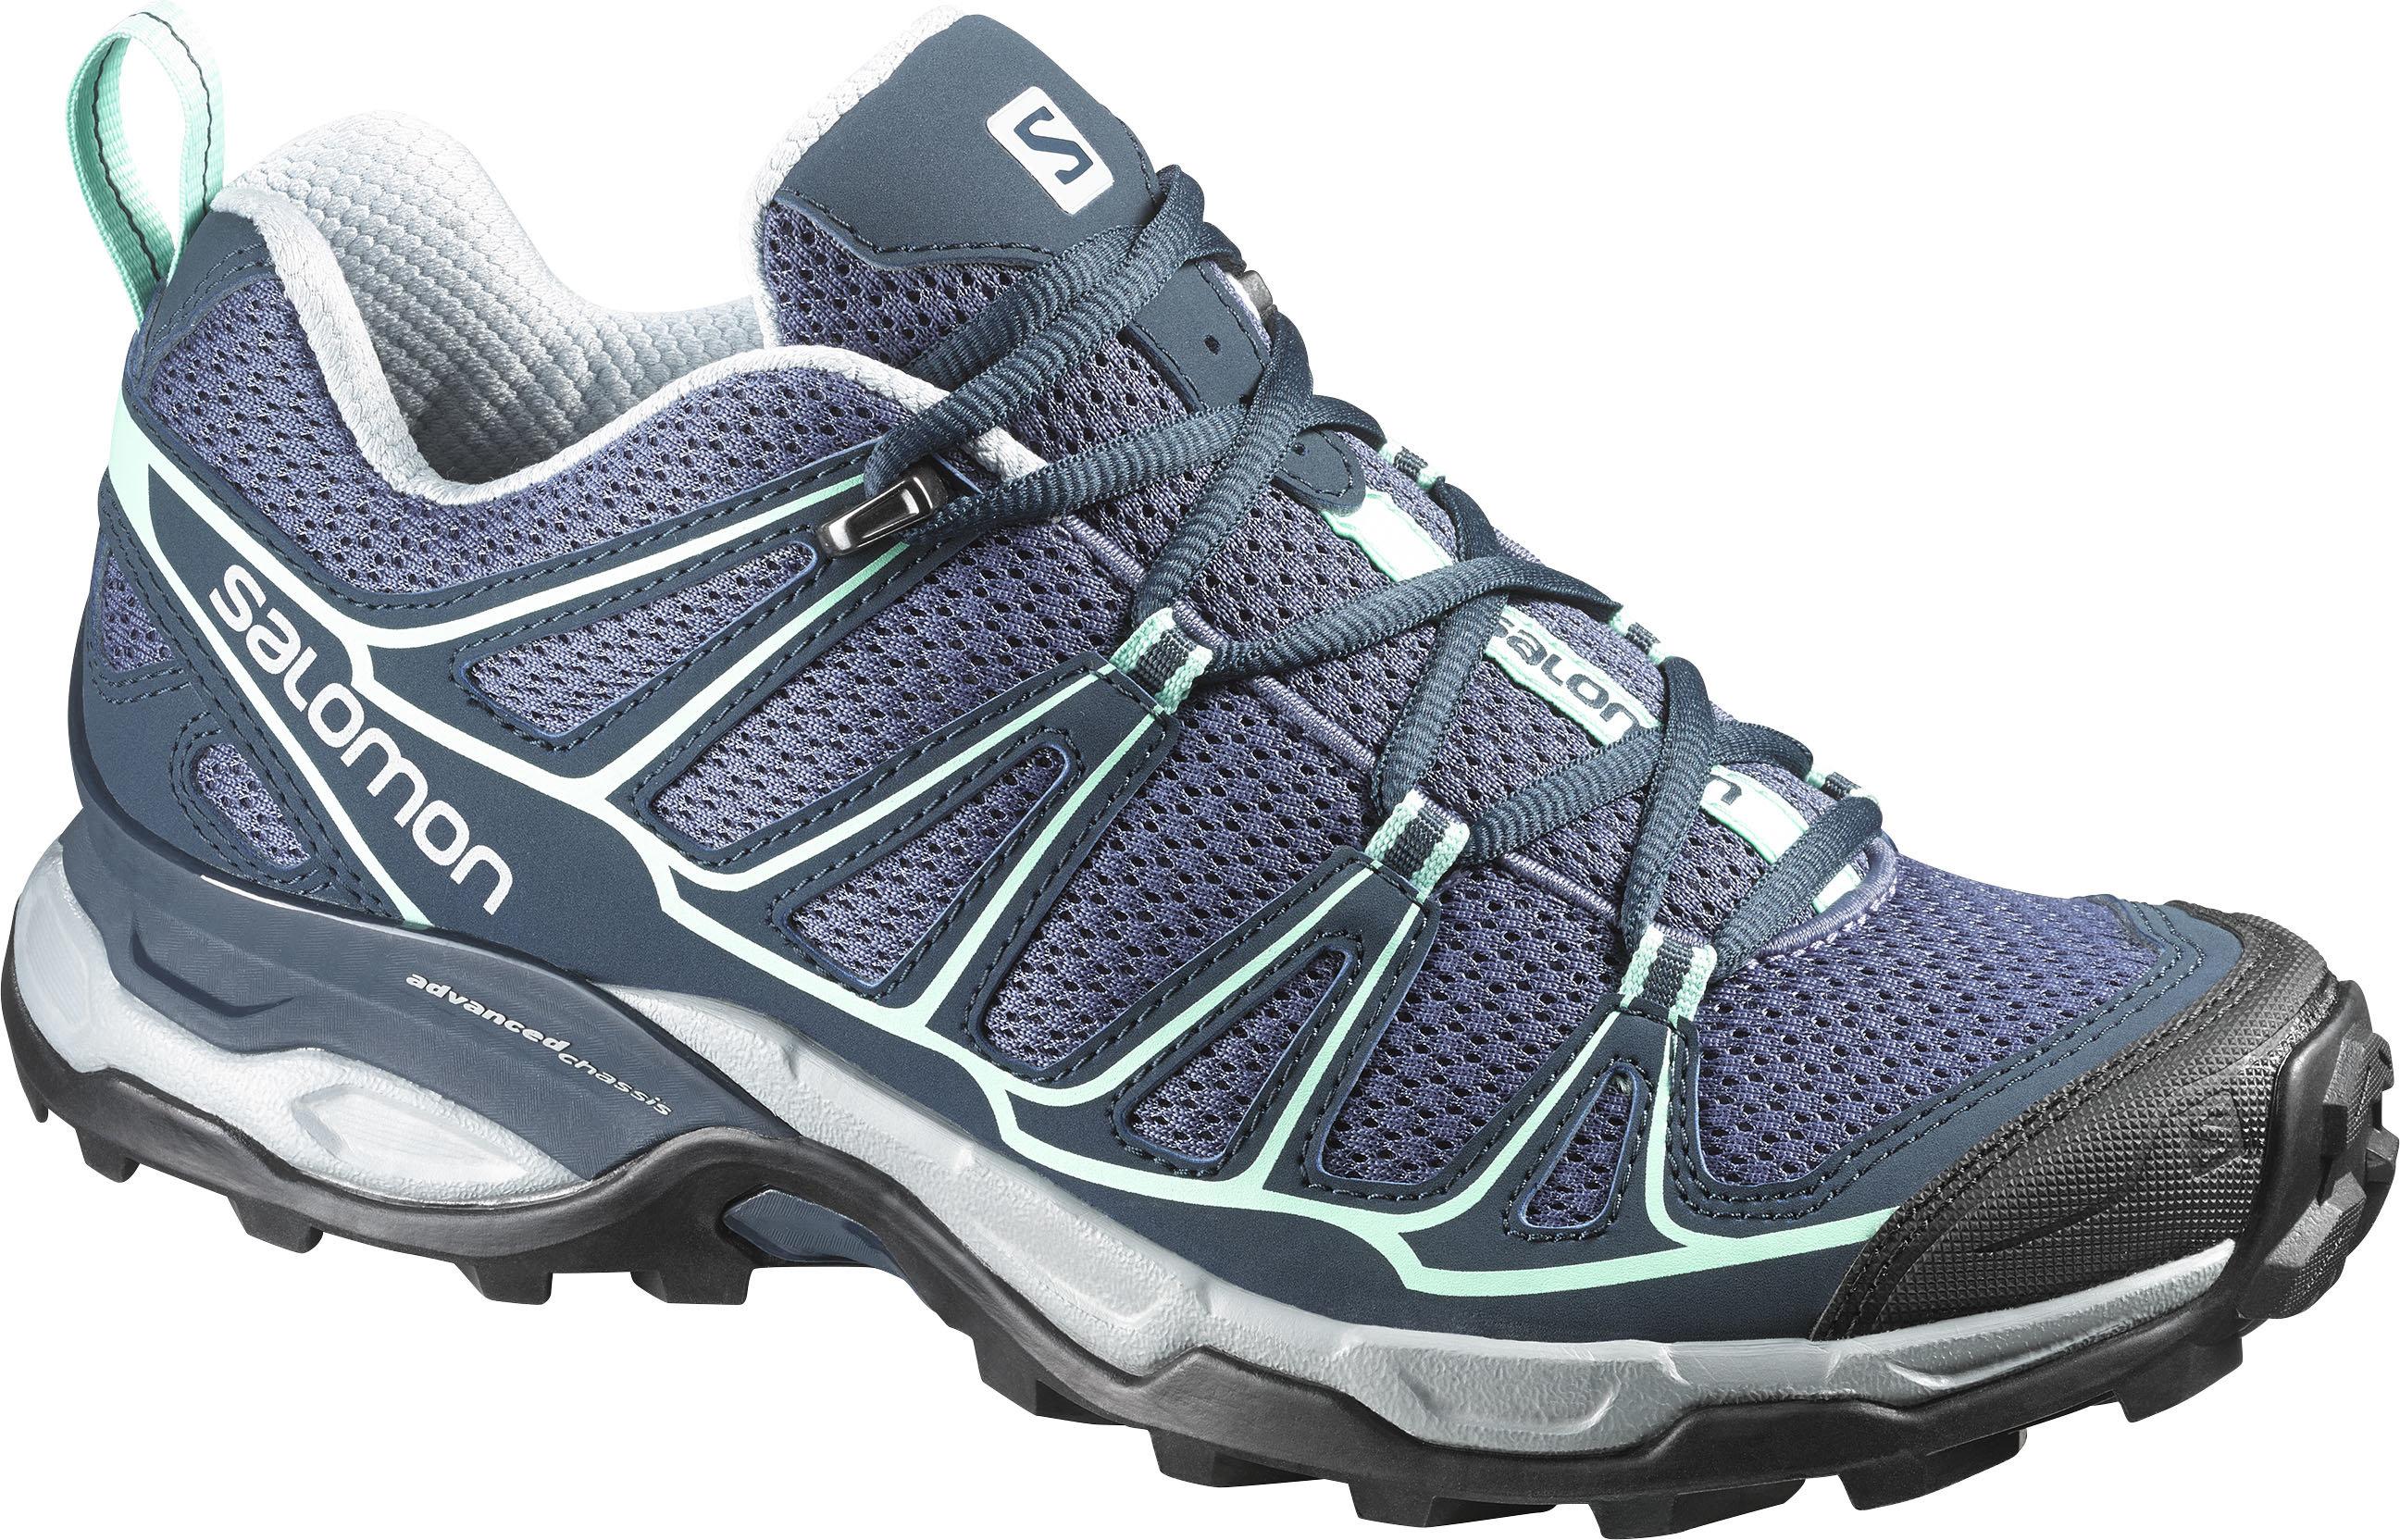 Ботинки Для Хайкинга (Низкие) Salomon 2017 Shoes X Ultra Prime W Artgrey/bl/lucite (Uk:7)